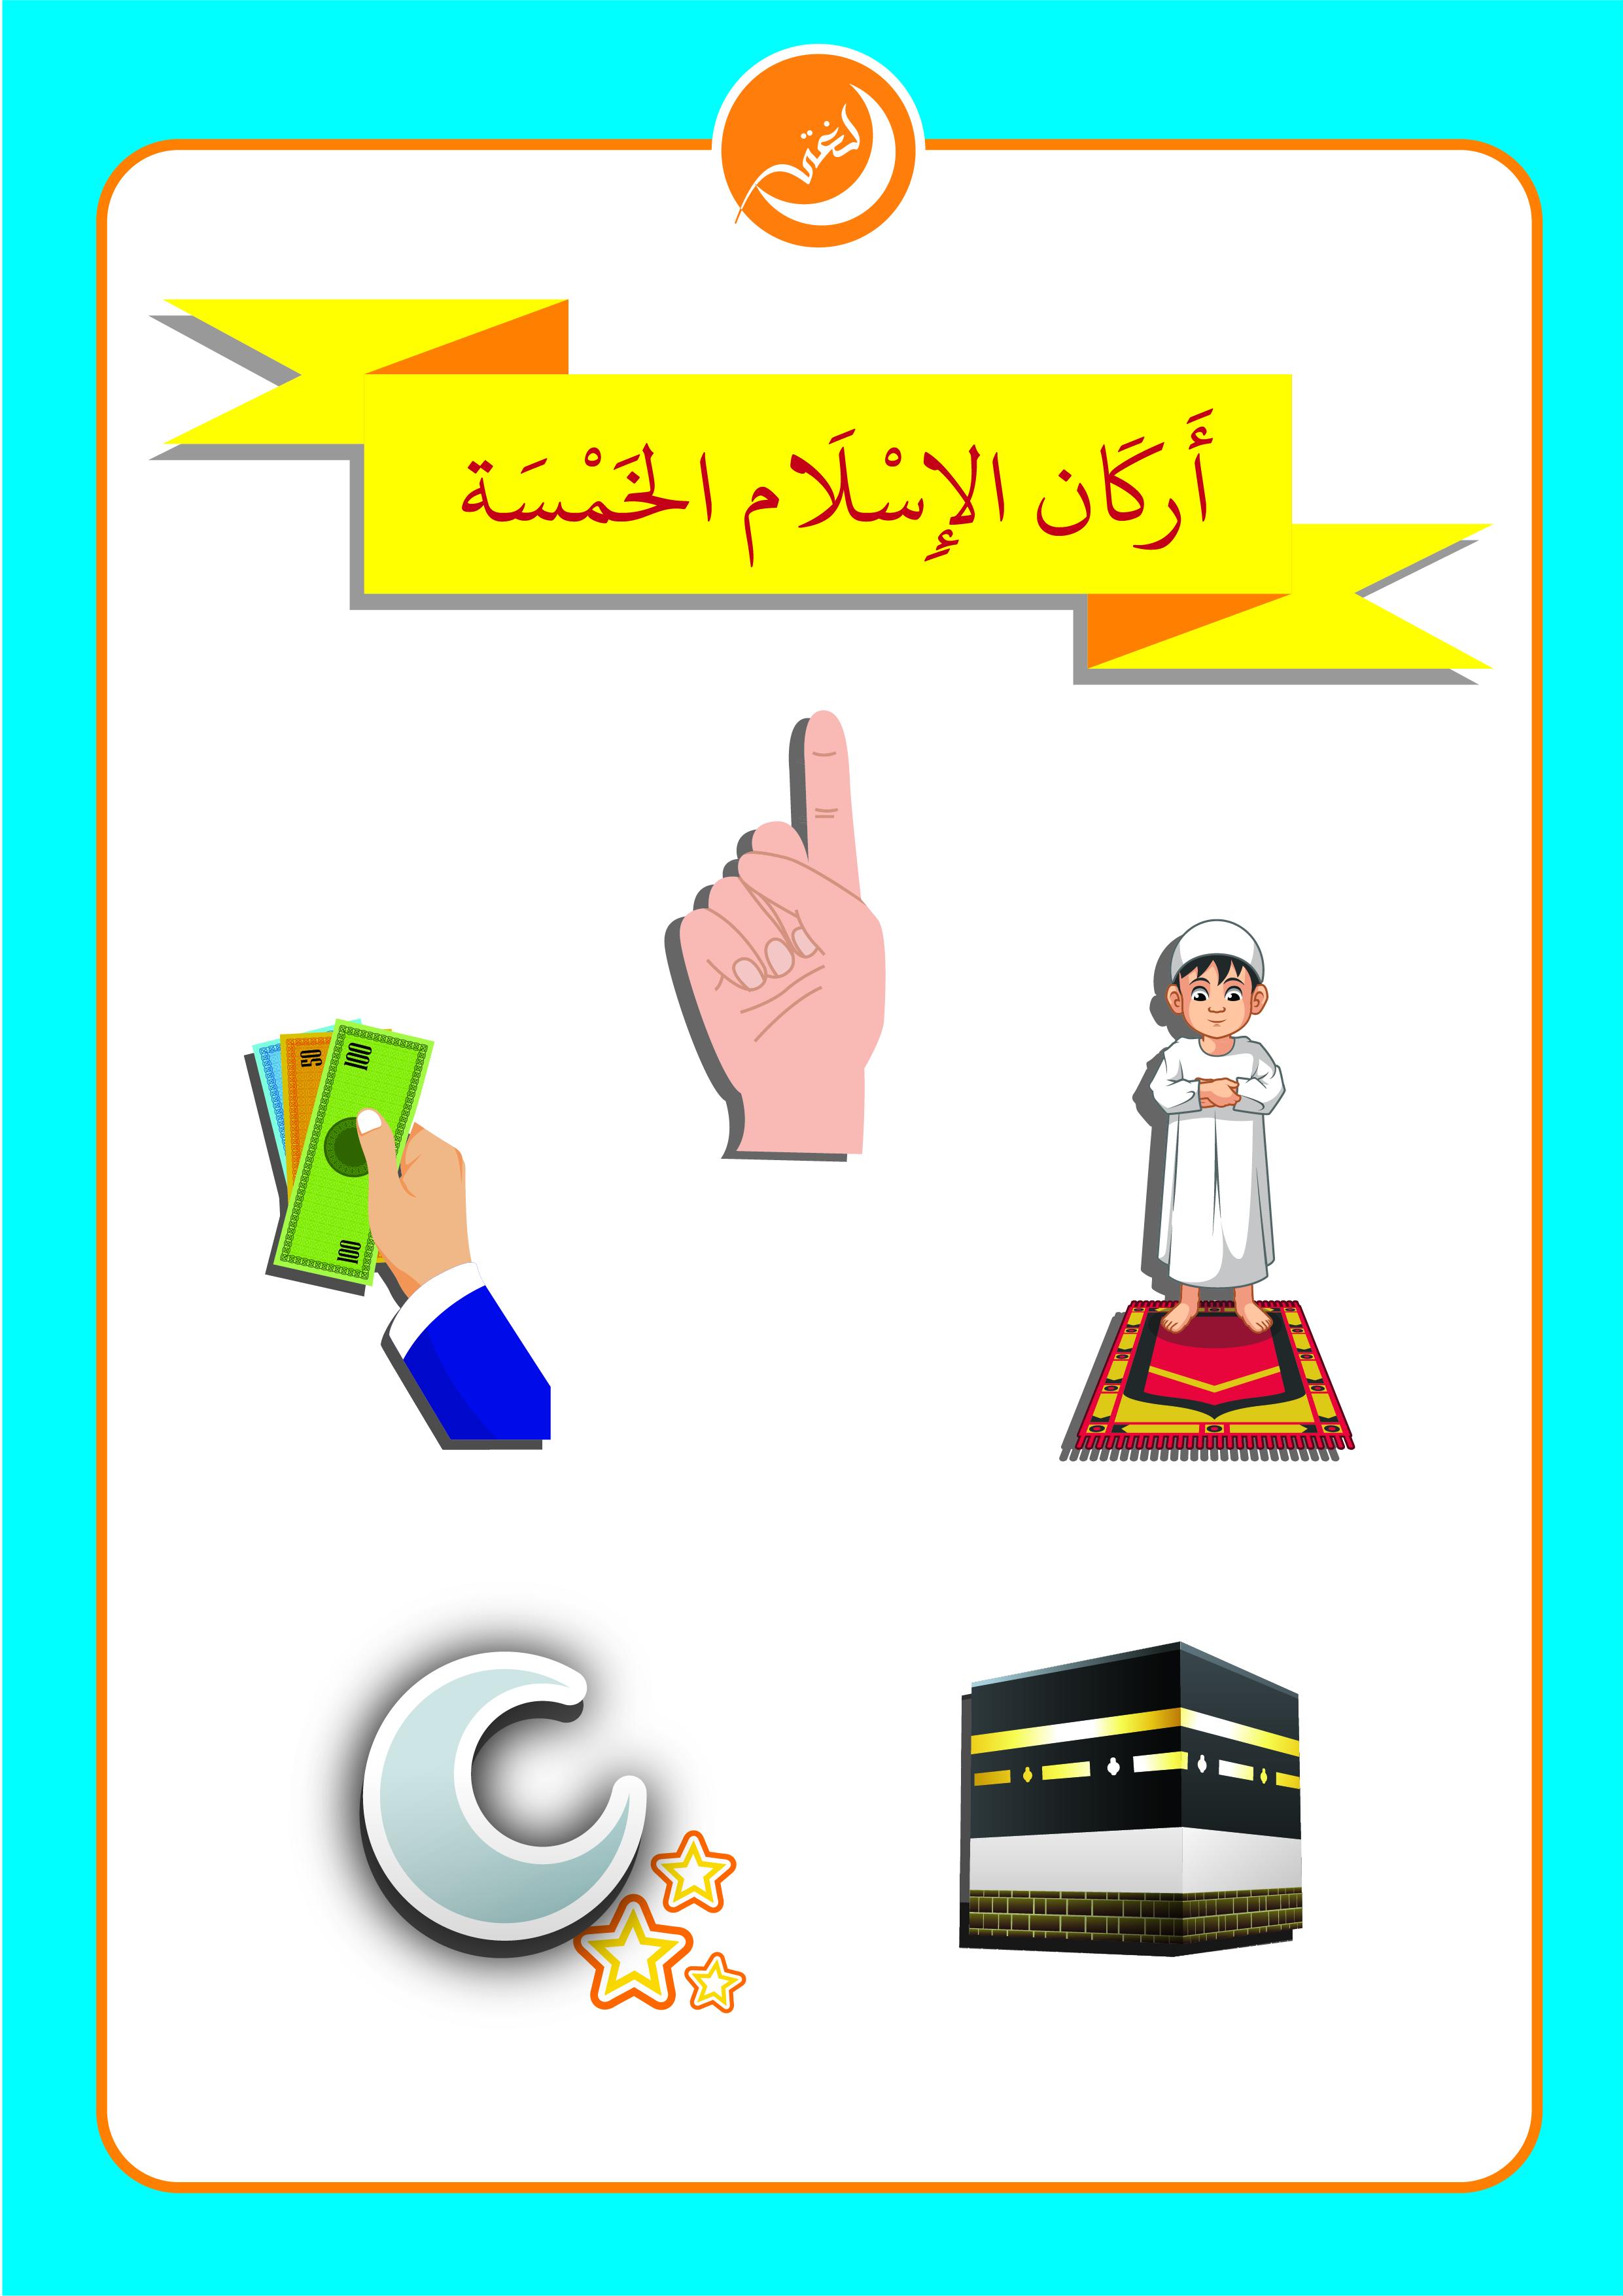 أركان الإسلام (ملف كامل)